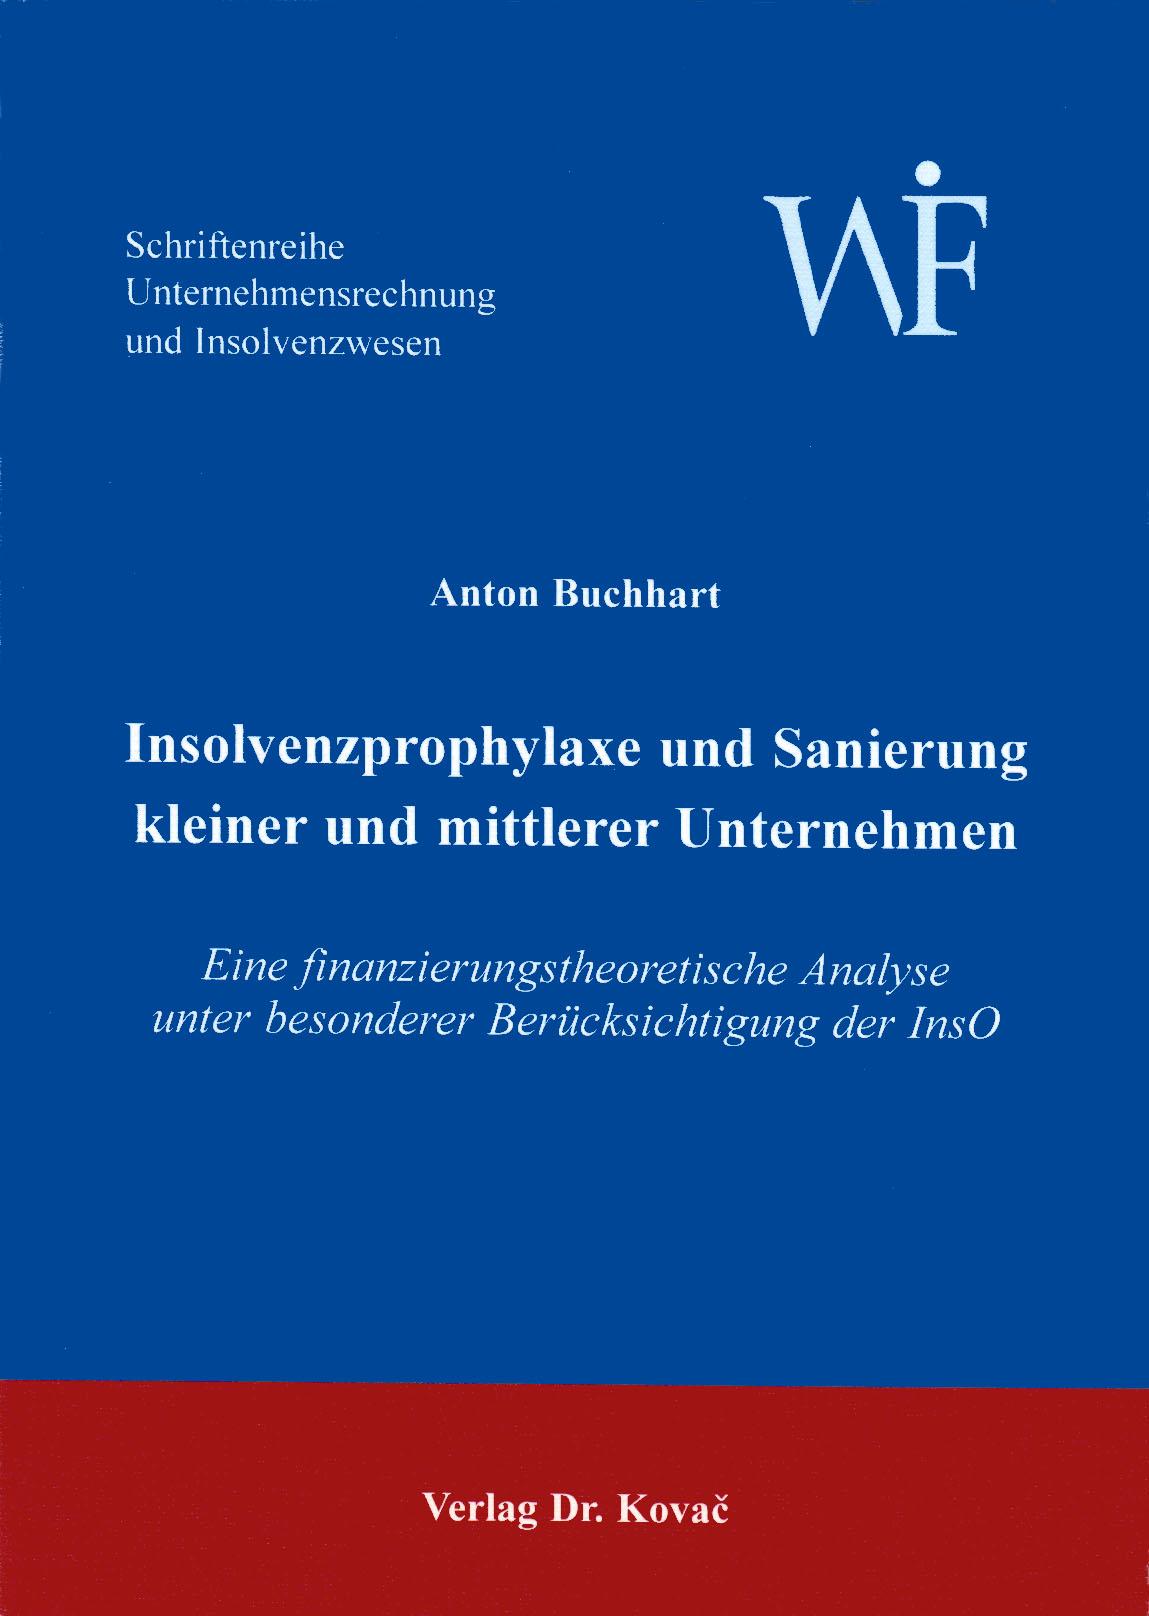 Cover: Insolvenzprophylaxe und Sanierung kleiner und mittlerer Unternehmen